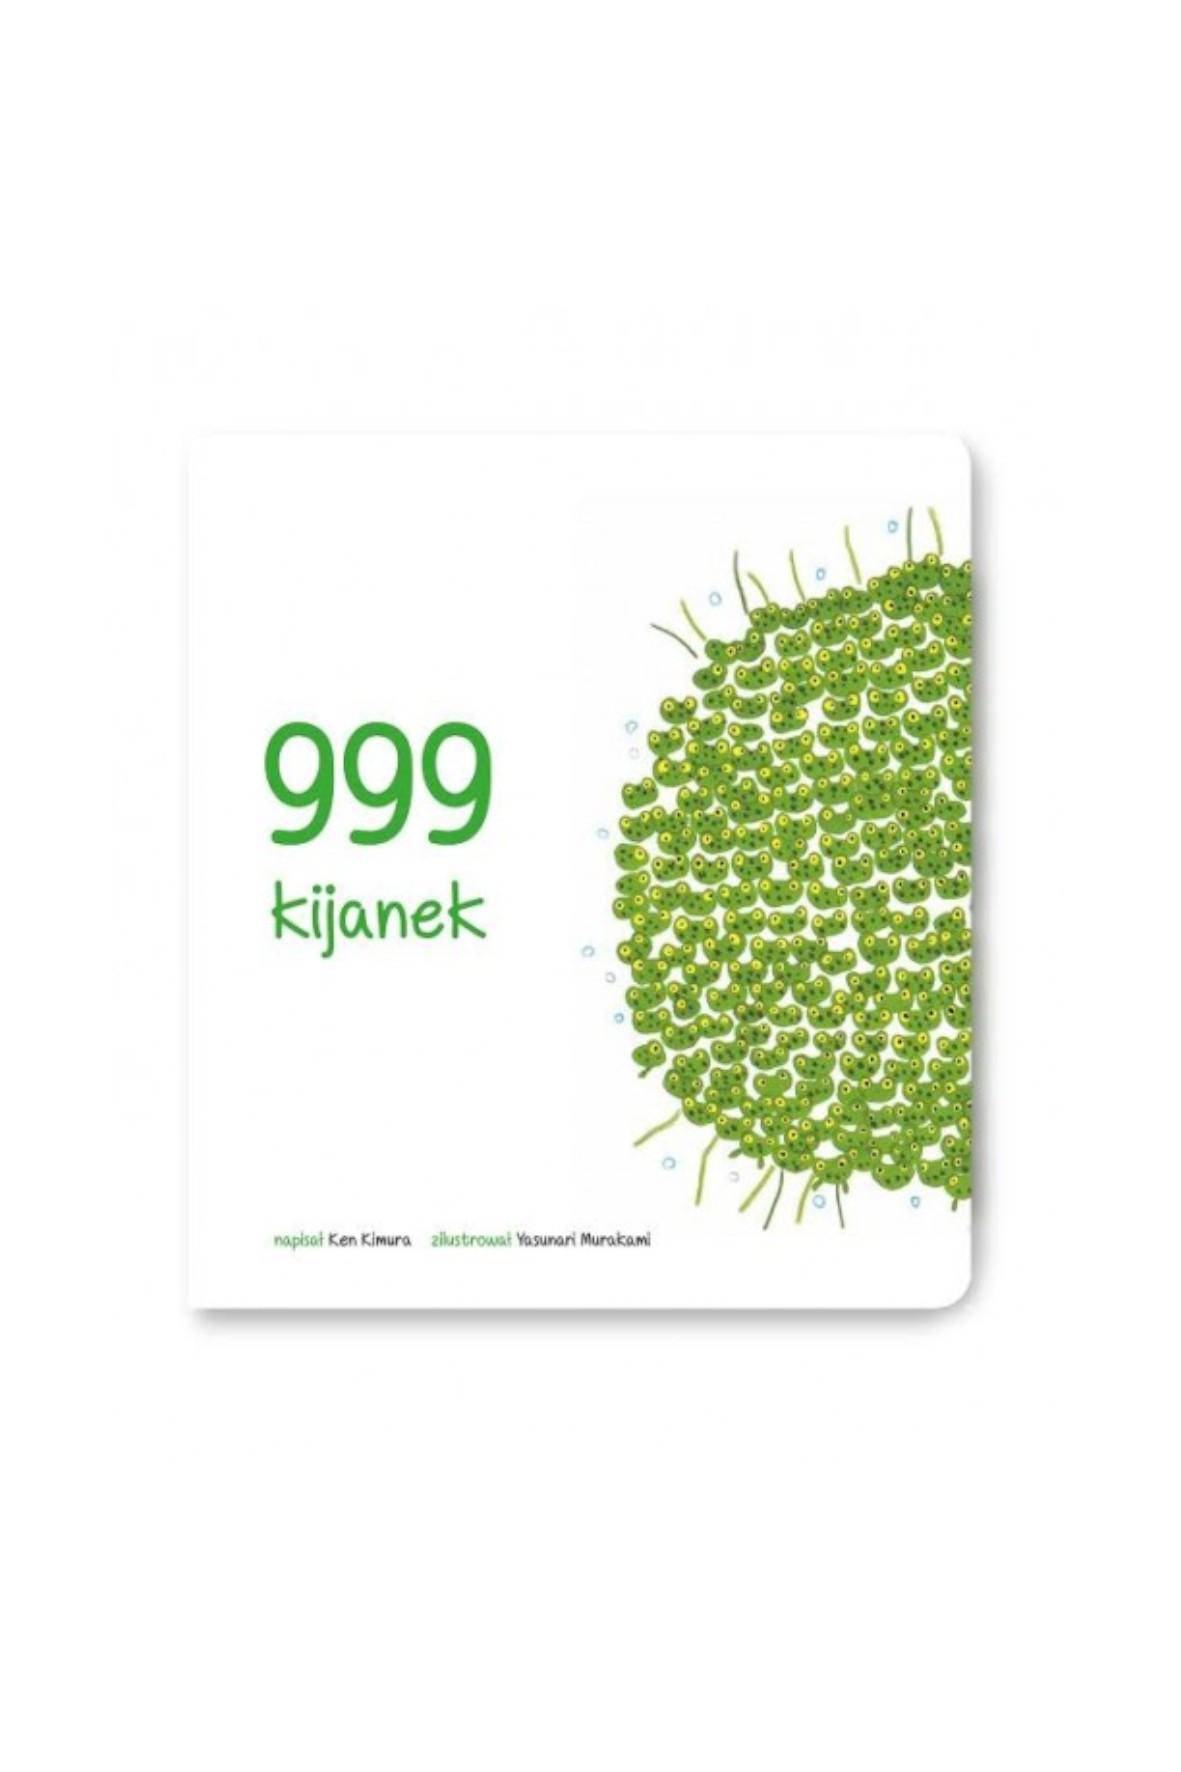 Książka dla dzieci--999 Kijanek